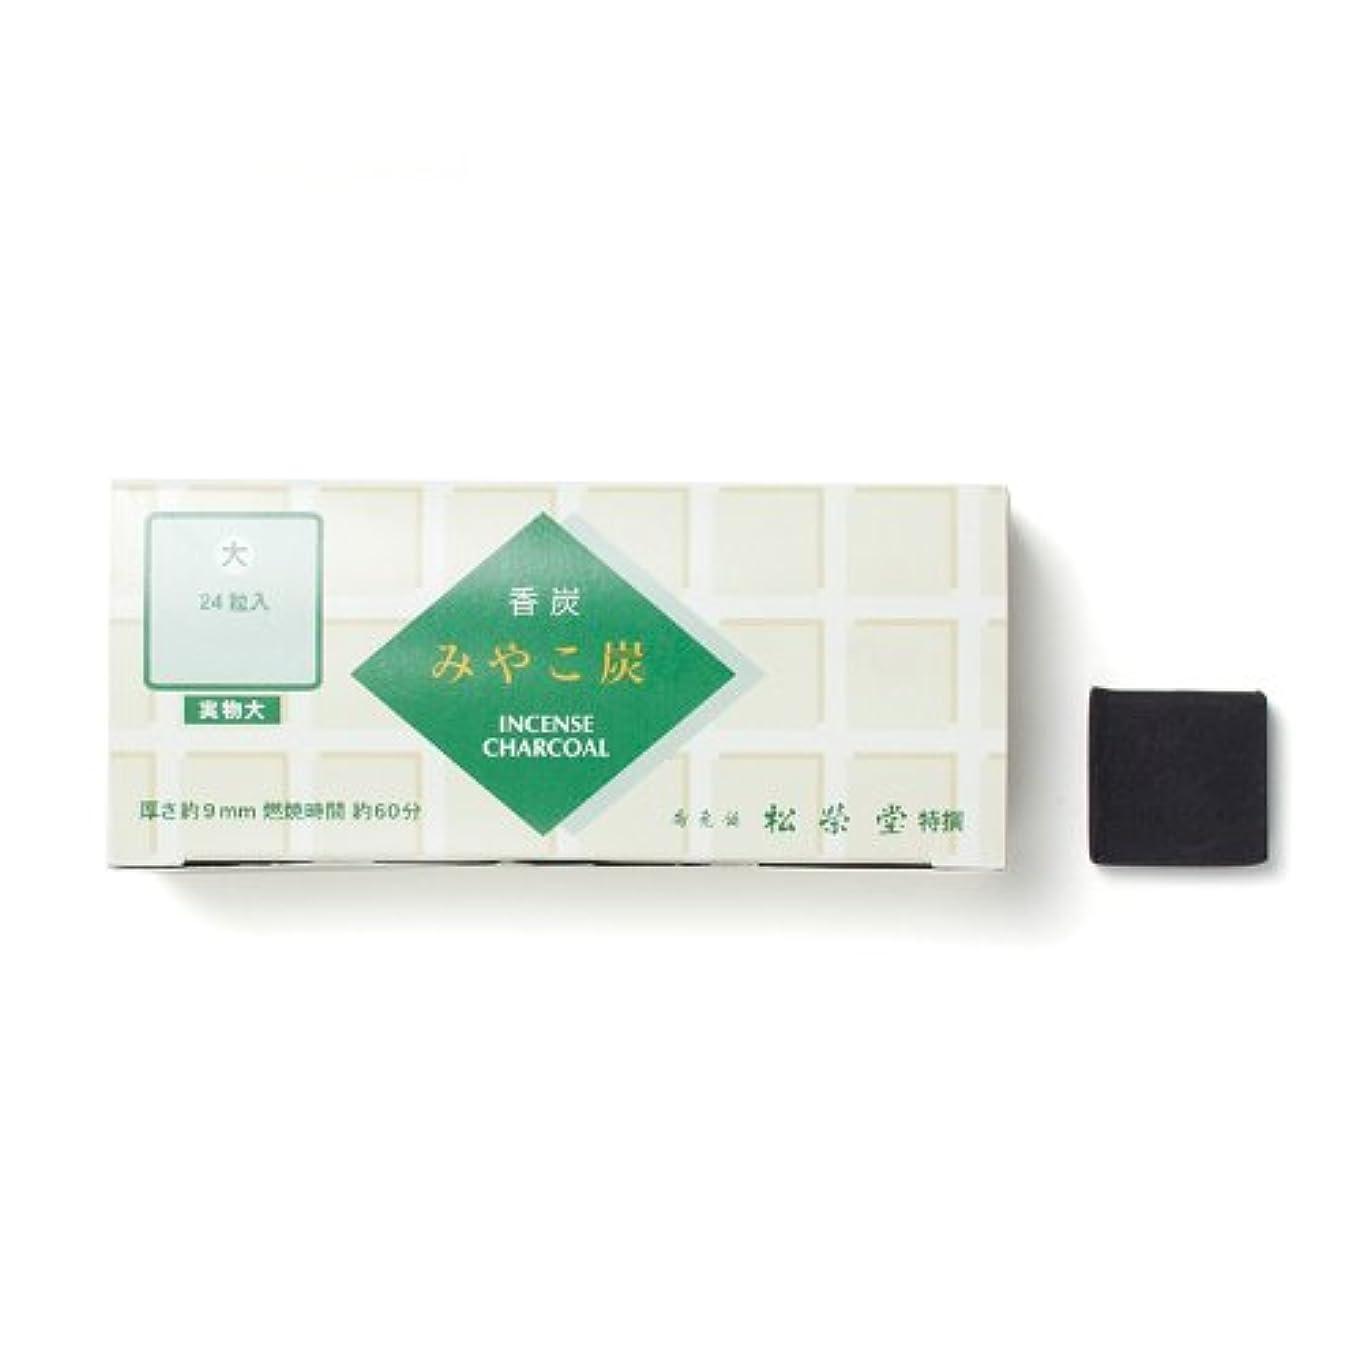 入手します消費夜明け松栄堂の香炭 みやこ炭 B大24粒 緑箱 #750112